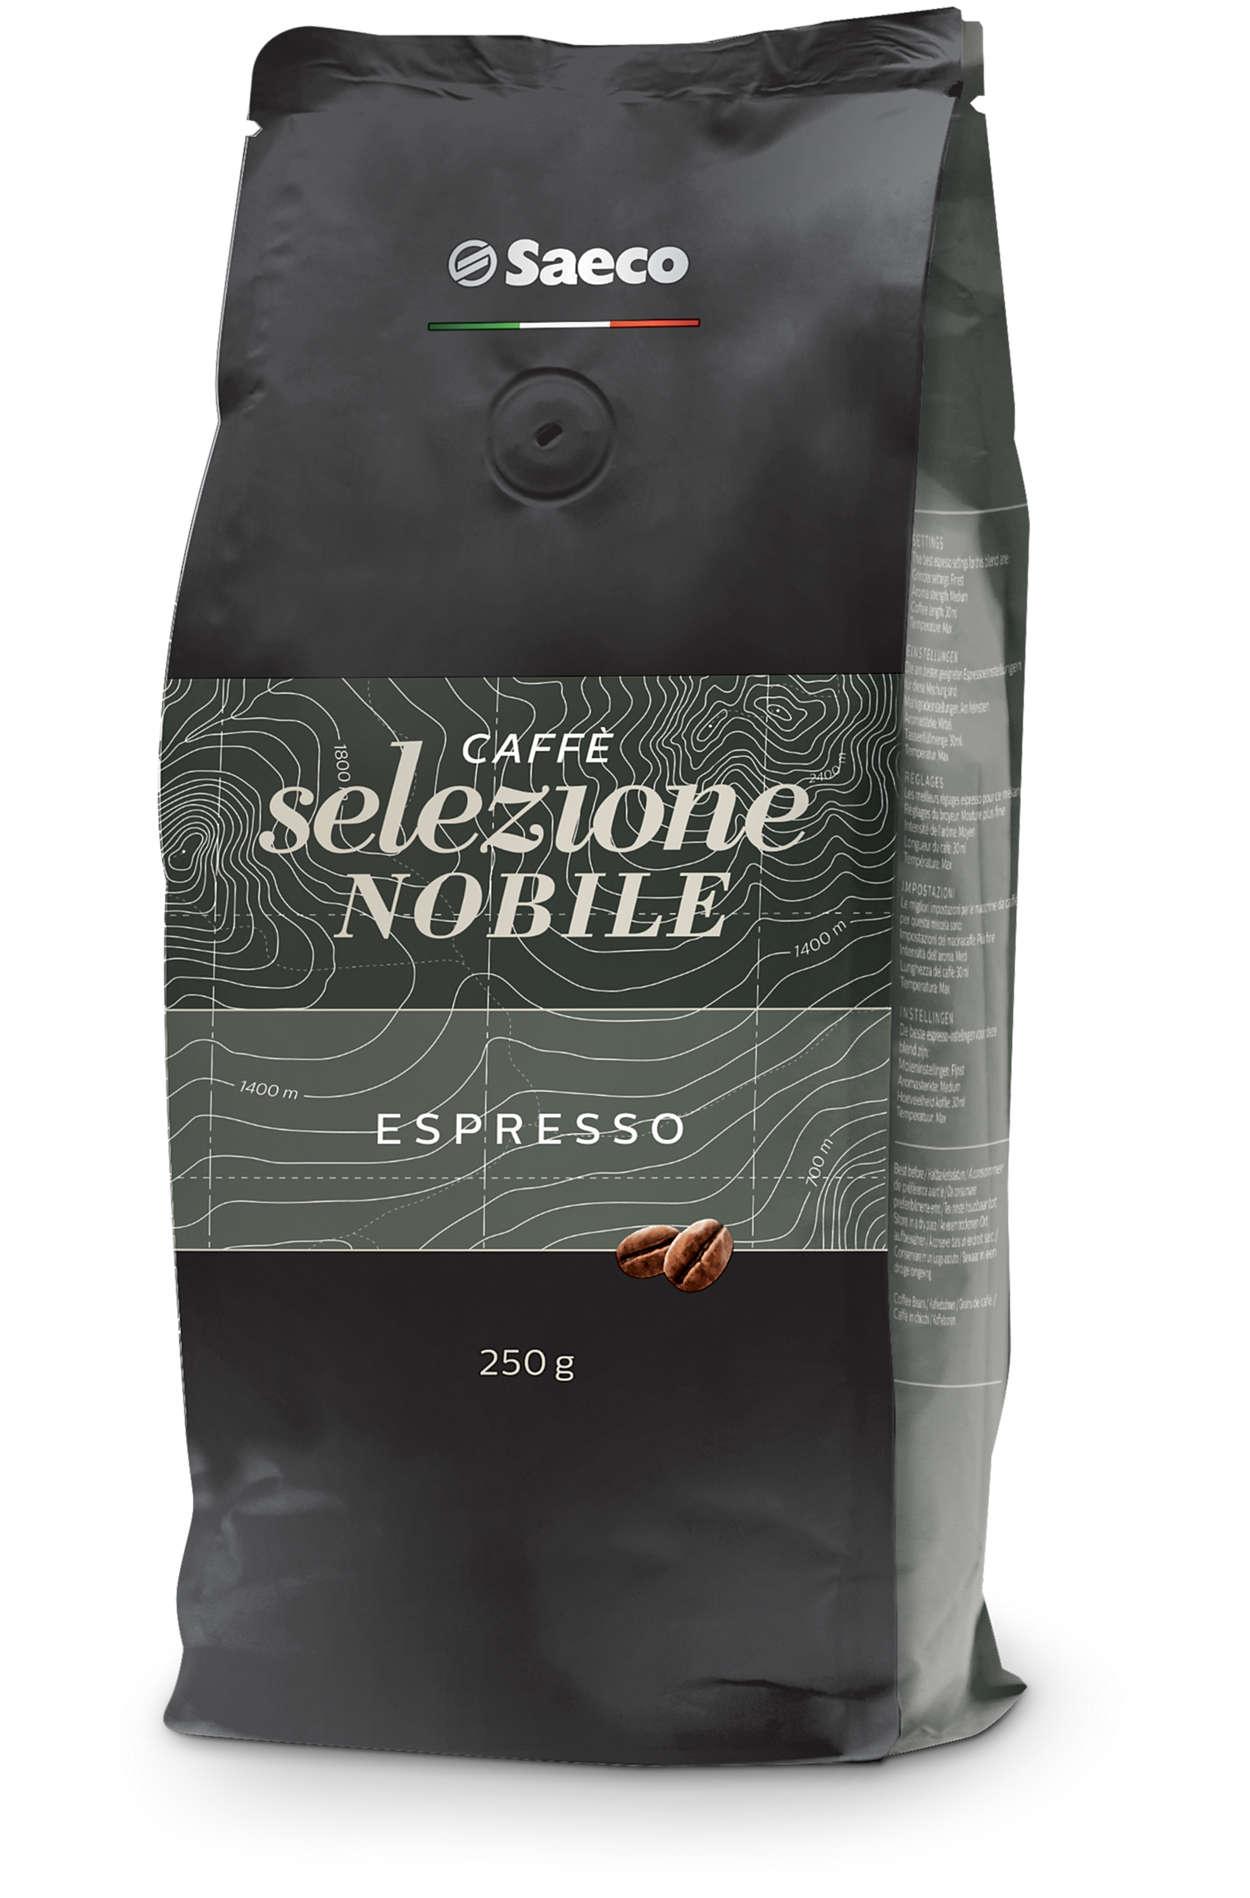 Tout commence par des grains de café exceptionnels